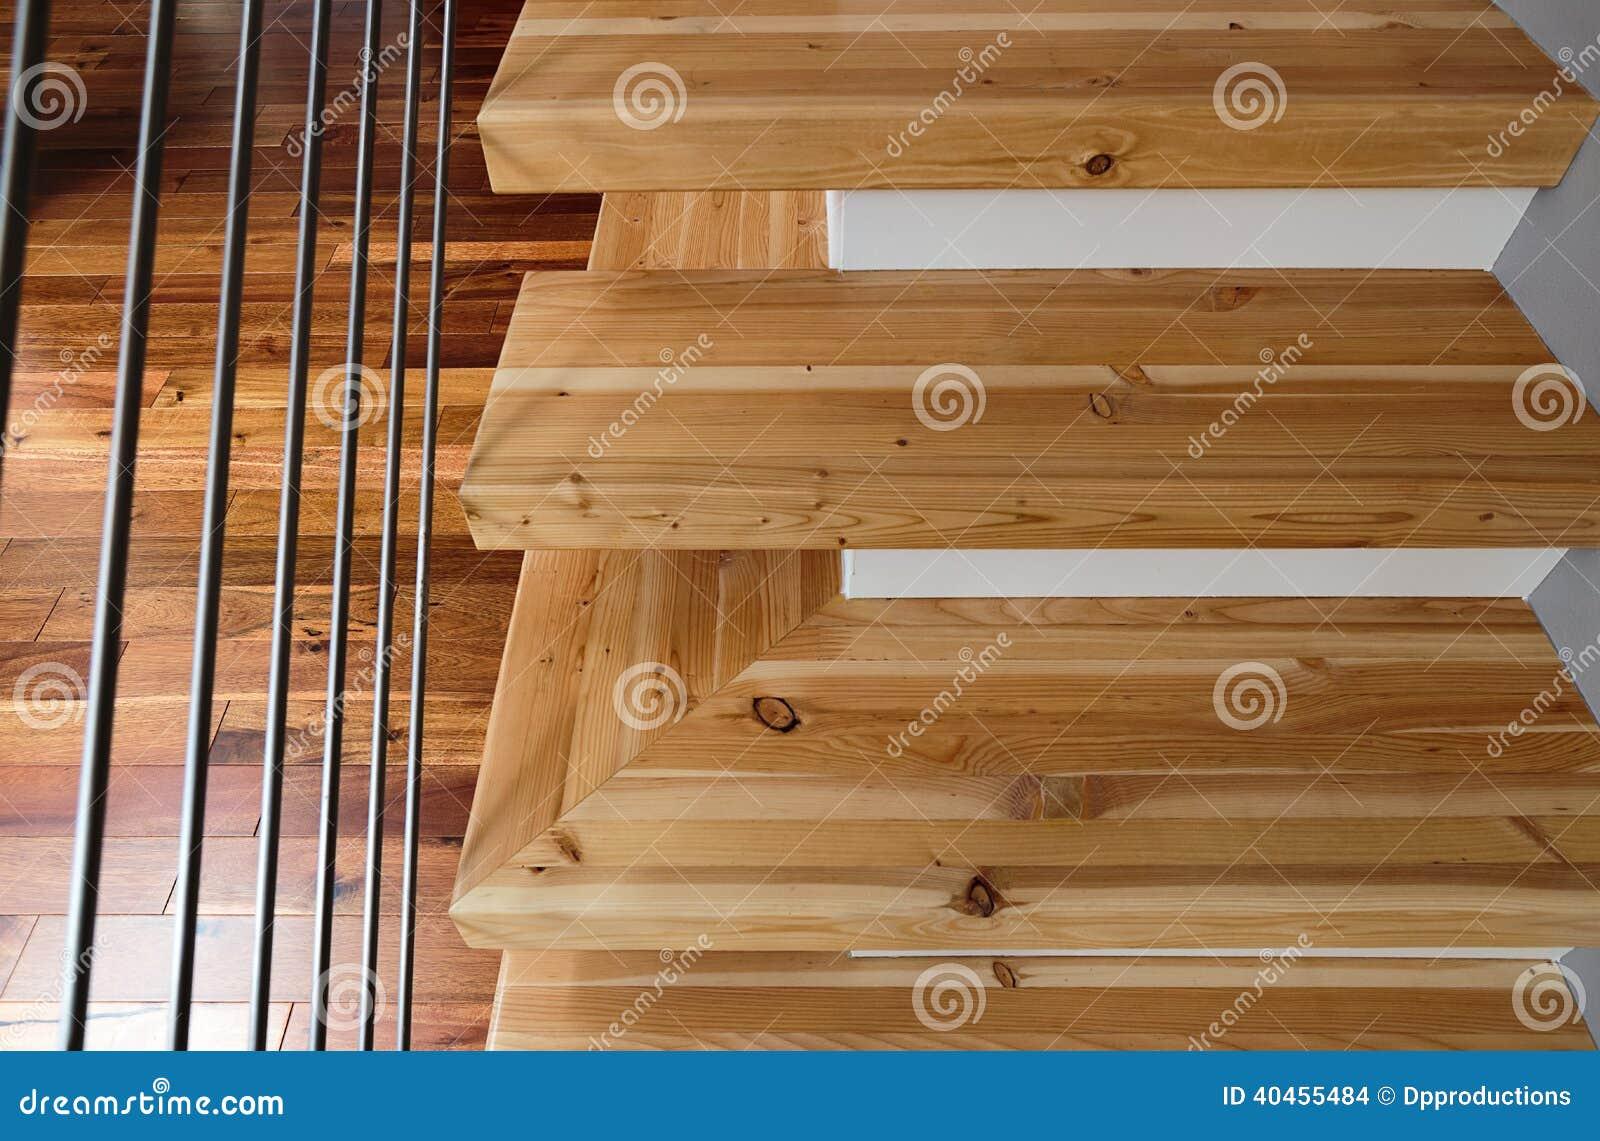 Tiro abstracto de escaleras de madera modernas foto de - Fotos de escaleras de madera ...